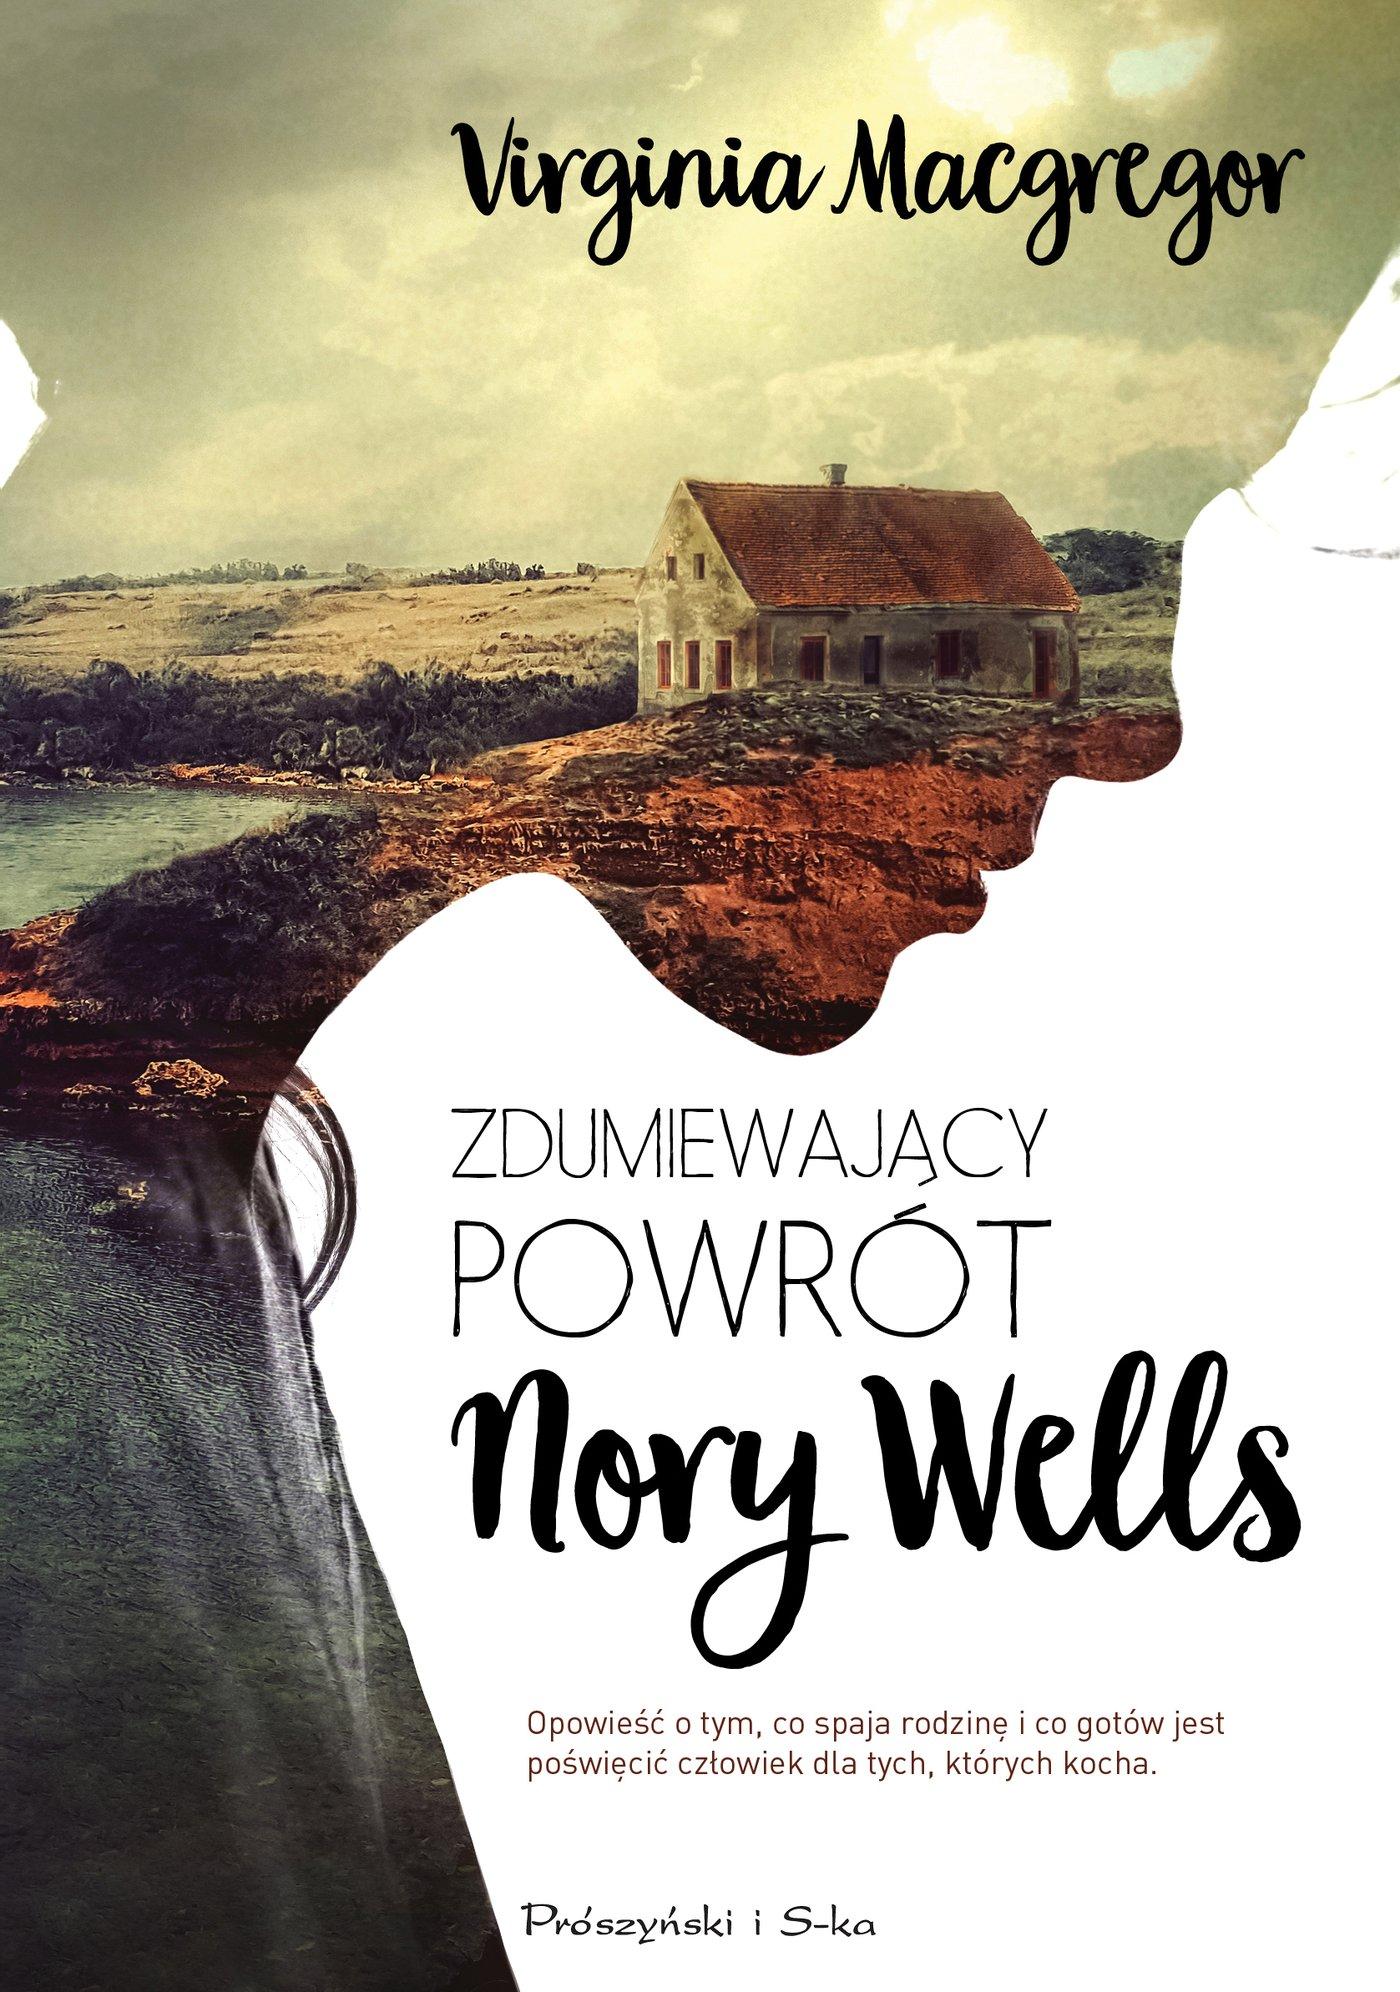 Zdumiewający powrót Nory Wells - Ebook (Książka EPUB) do pobrania w formacie EPUB